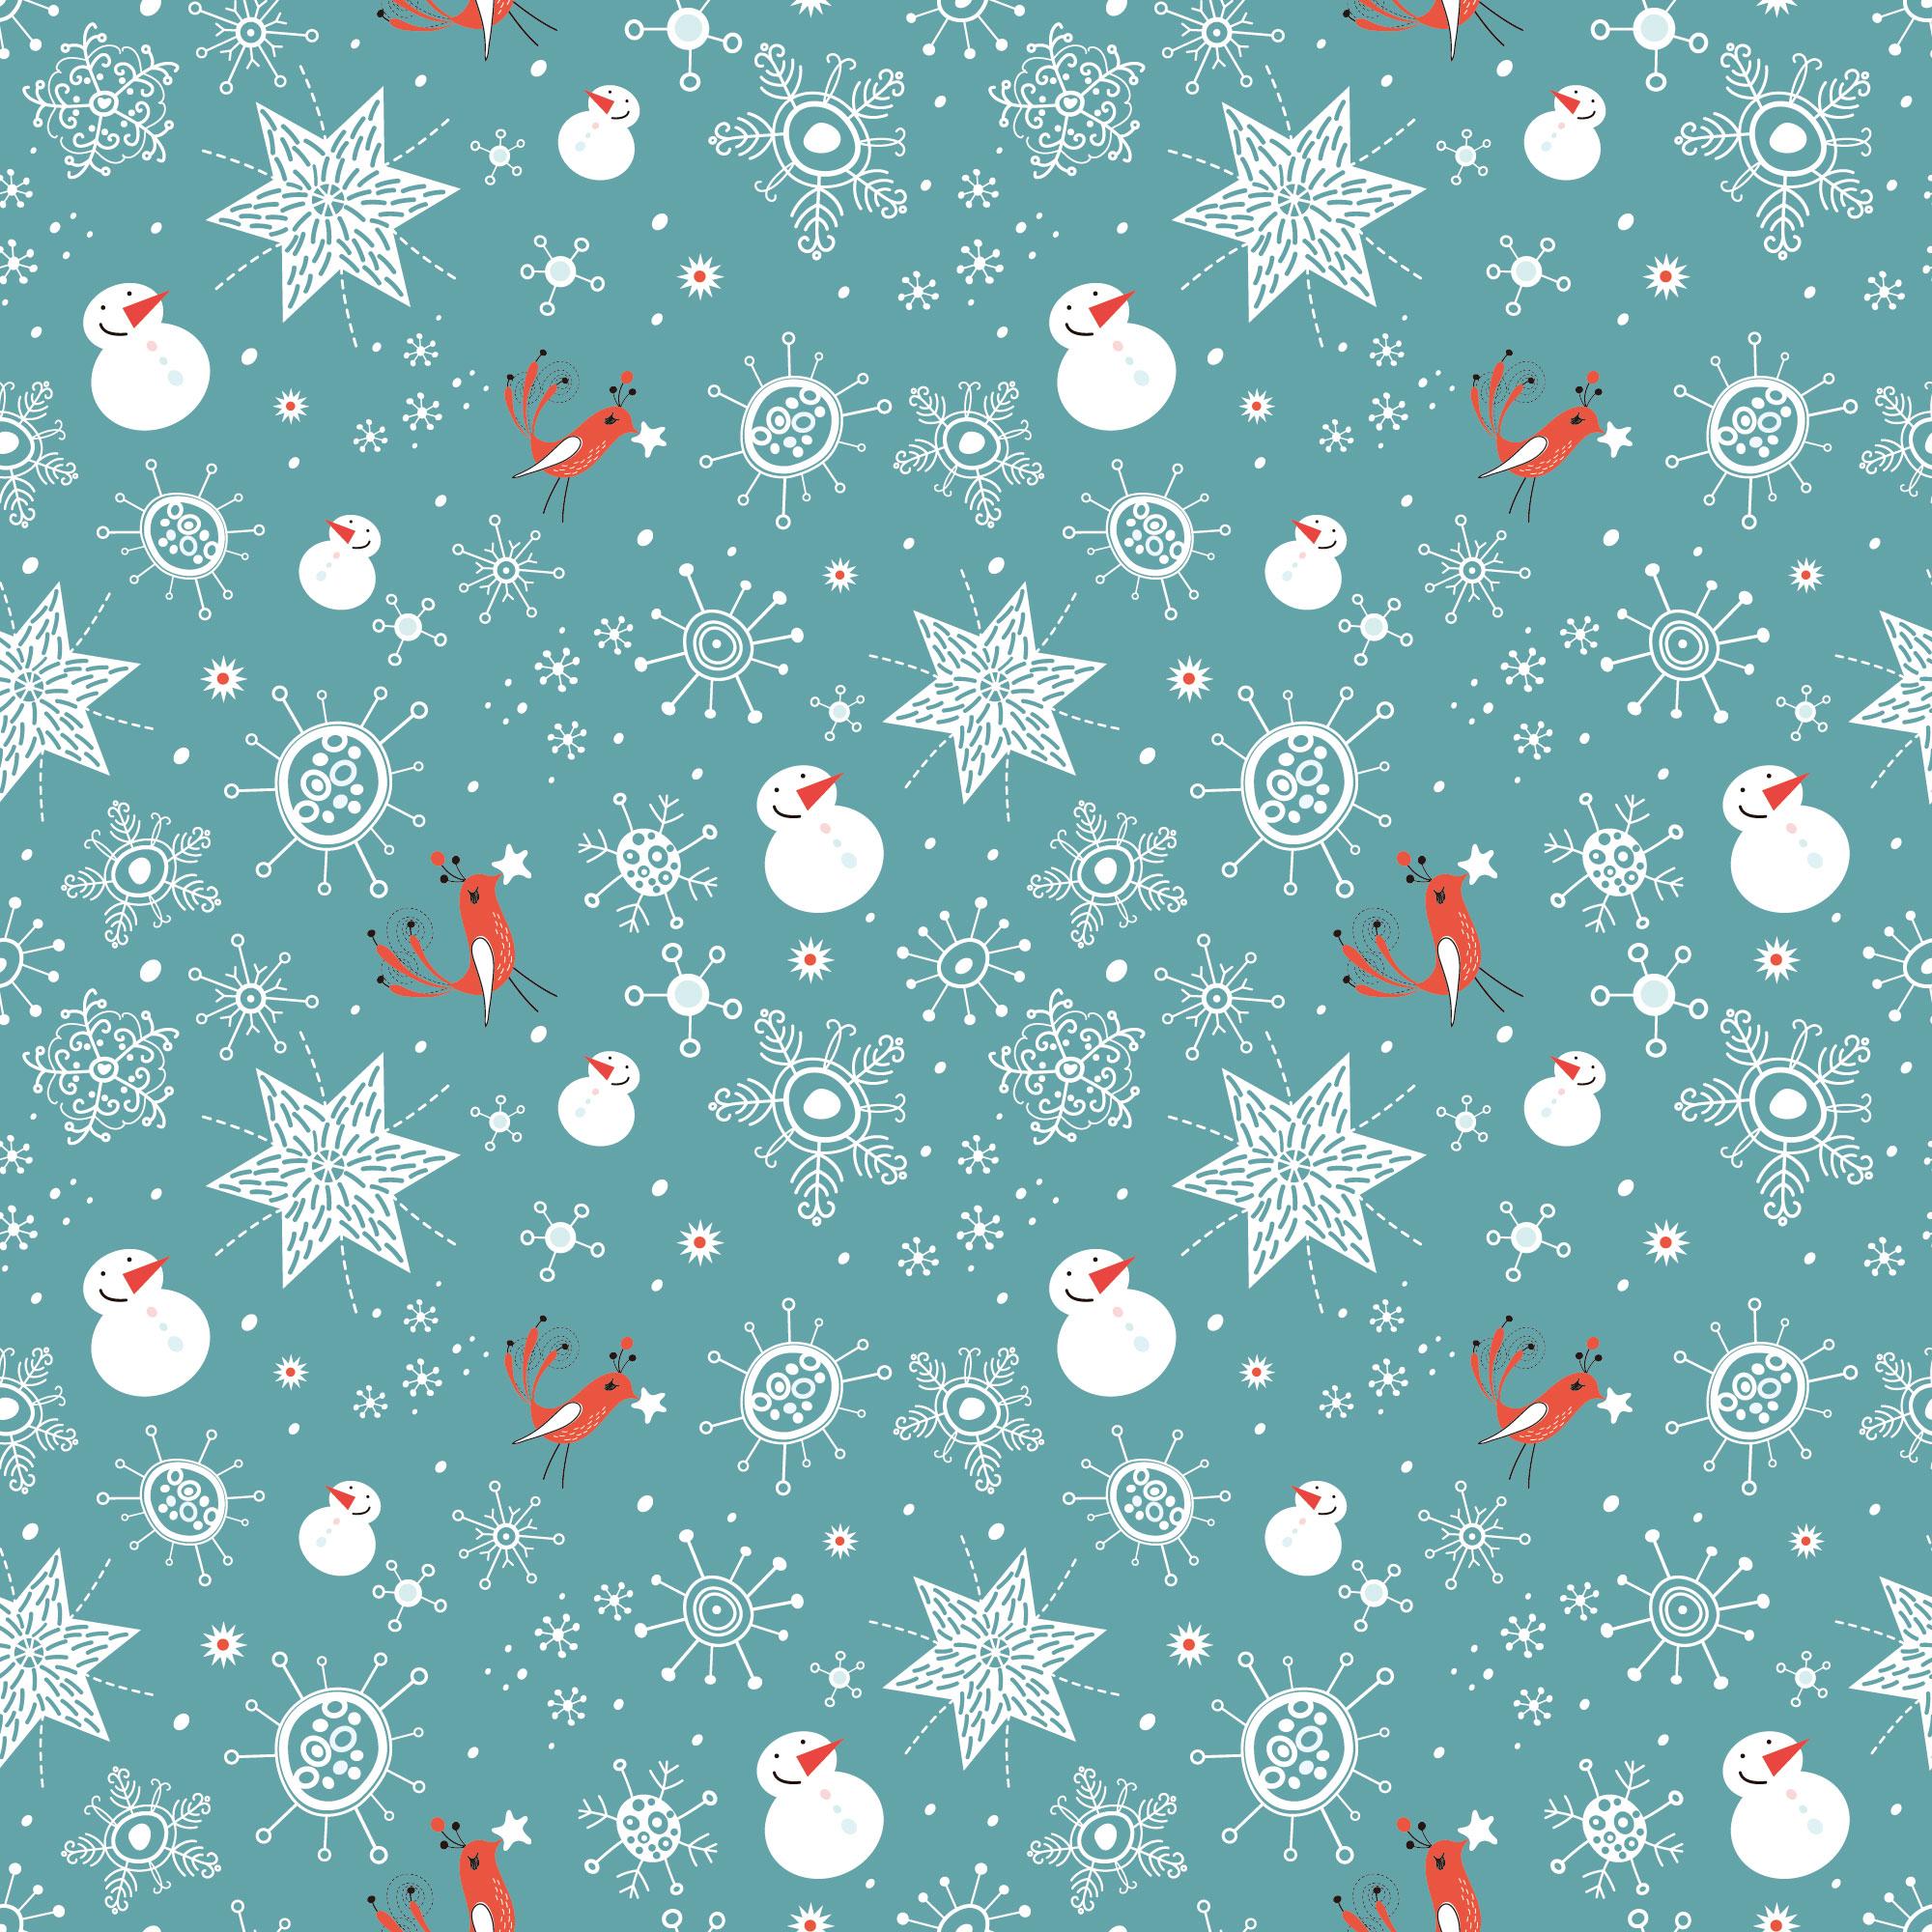 クリスマスのイラストno151クリスマス用壁紙無料のフリー素材集